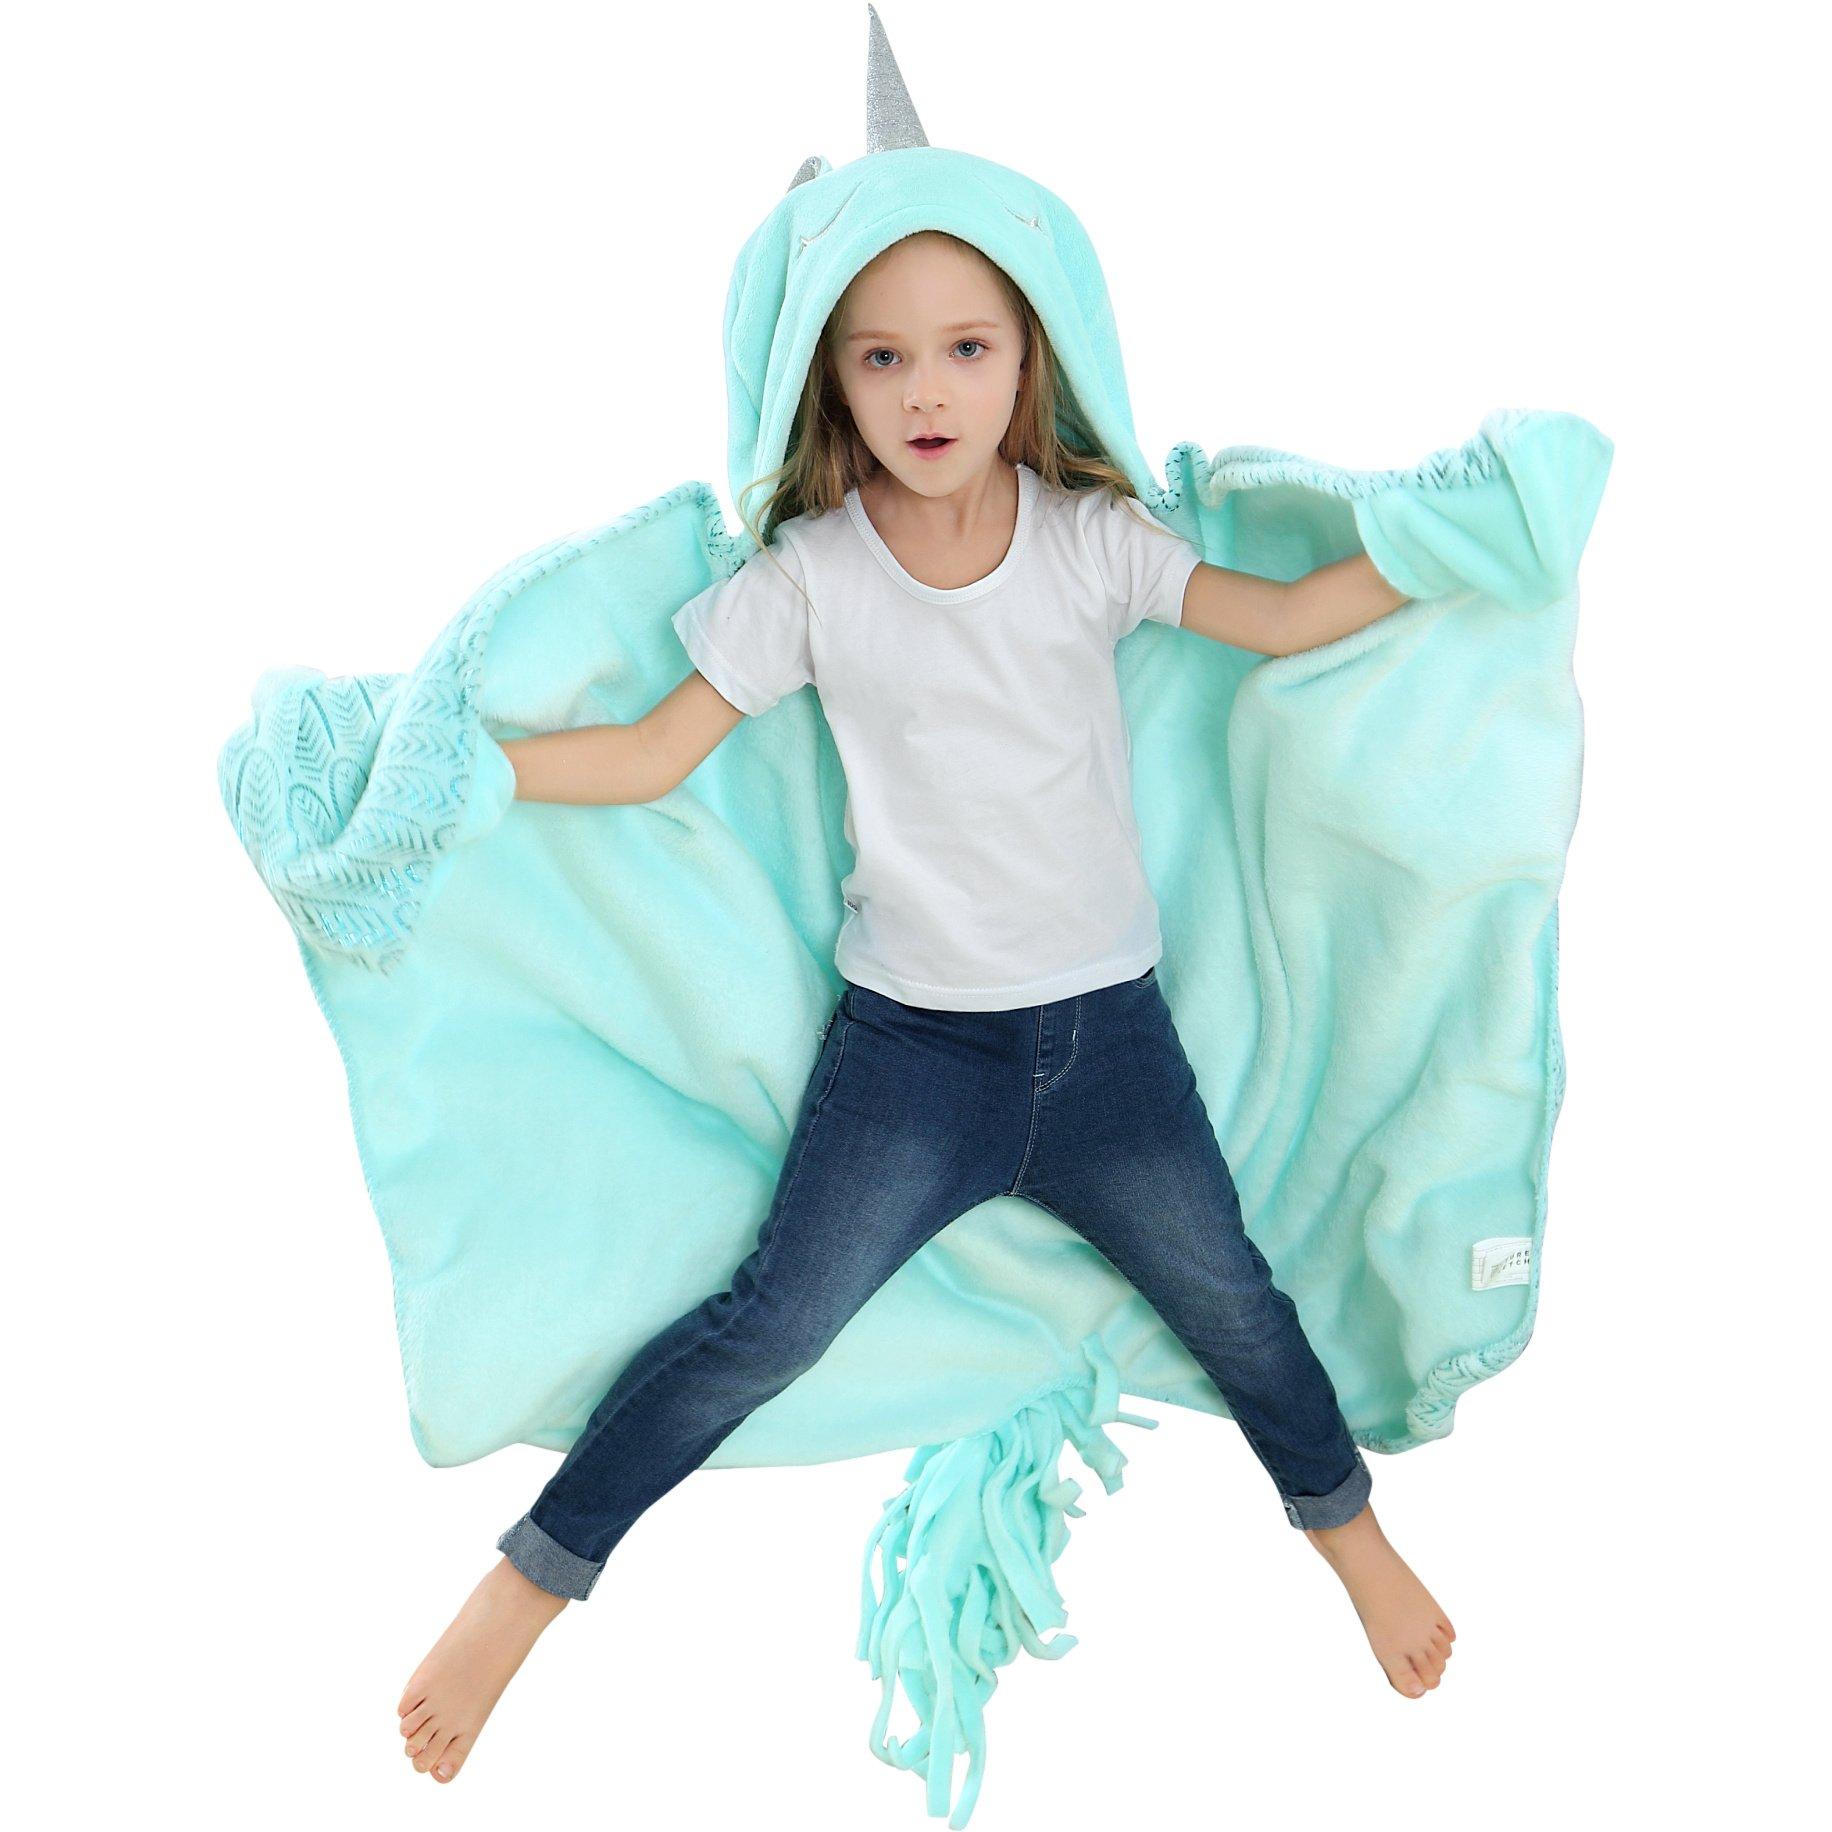 Brandream Unicorn Blanket for Girls Boys Kids/Toddler Blanket, Wearable Hooded Animal Blankets, Mystical Horn, Magic Feather Pattern, Soft Cozy Fleece Blanket